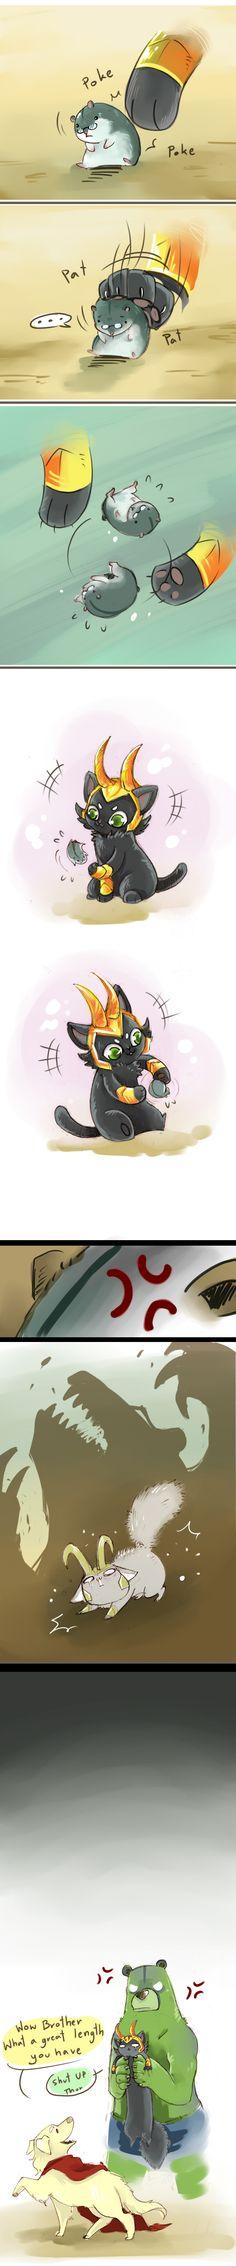 DogThor CatLoki: puny thing by LittleDarkDragon.deviantart.com on @deviantART